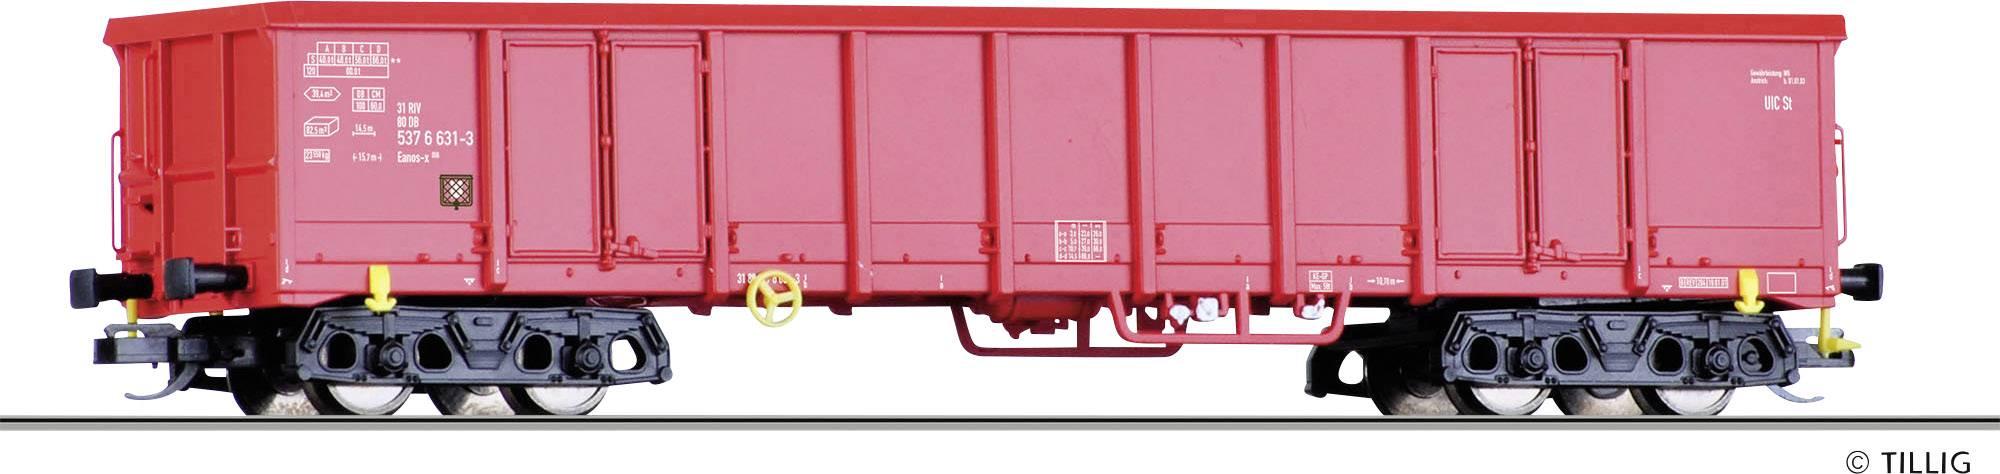 Vagone merci TT Eanos-x 056 co